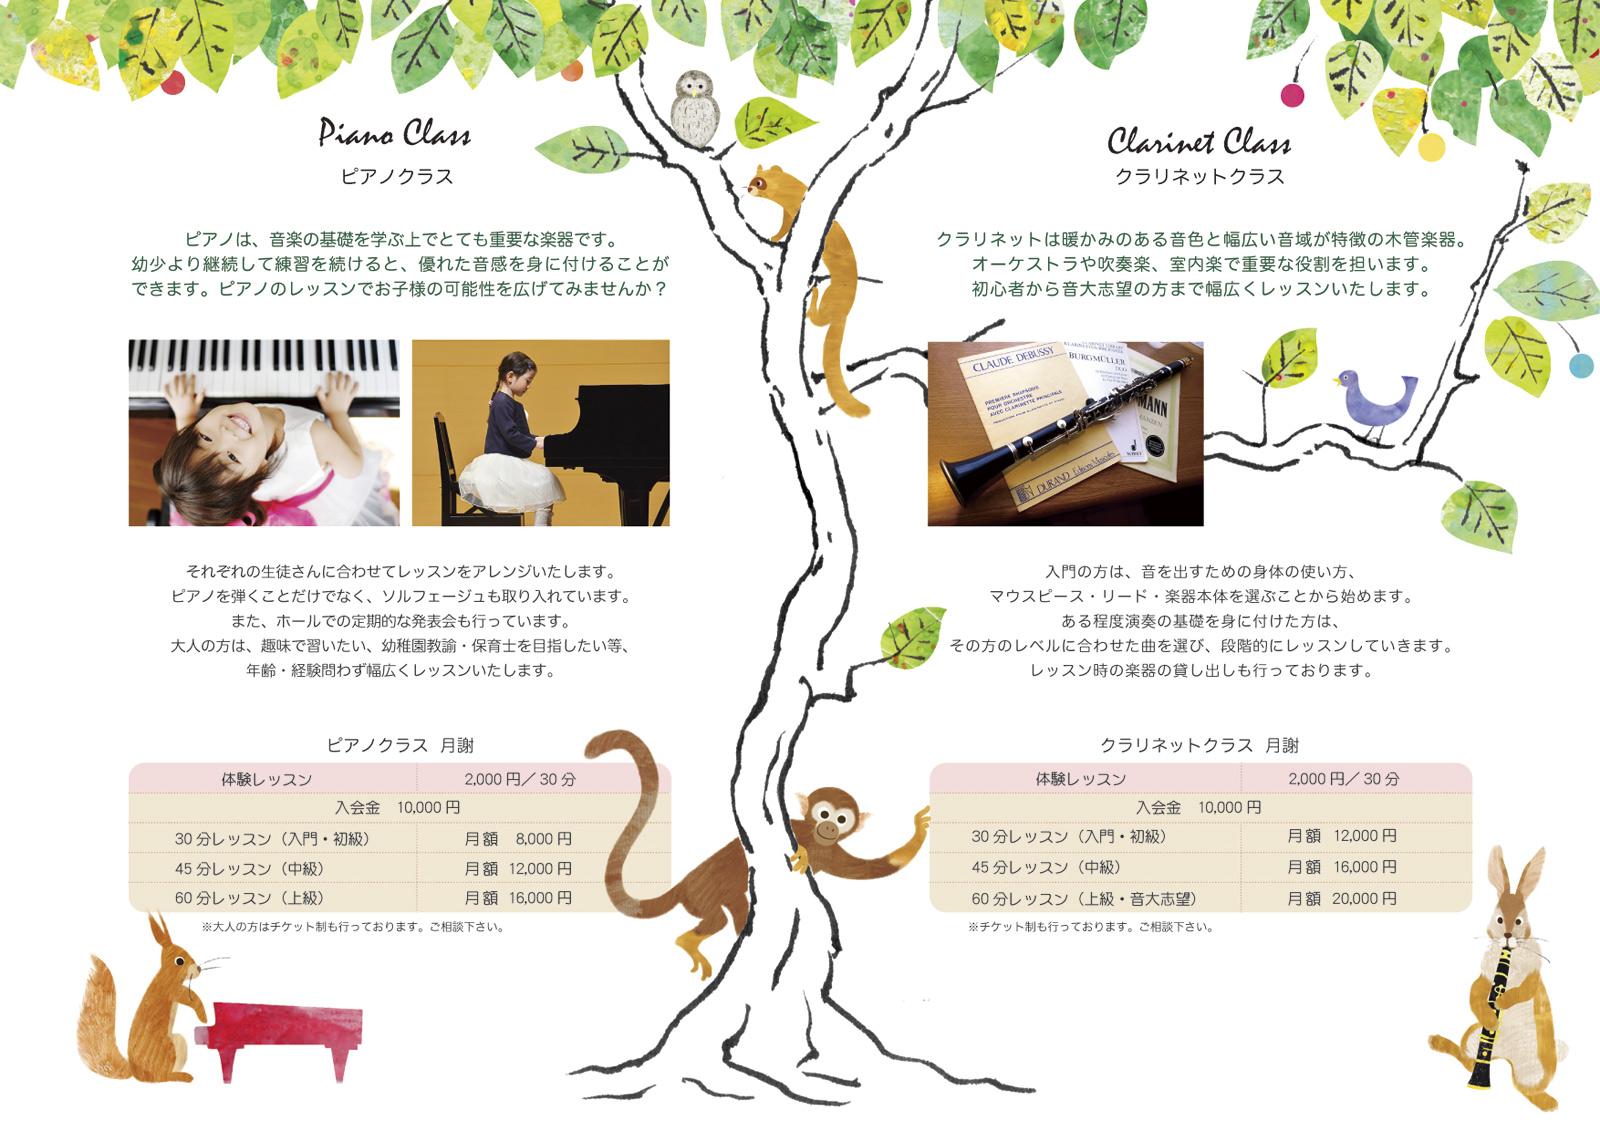 山王音楽教室 フライヤー